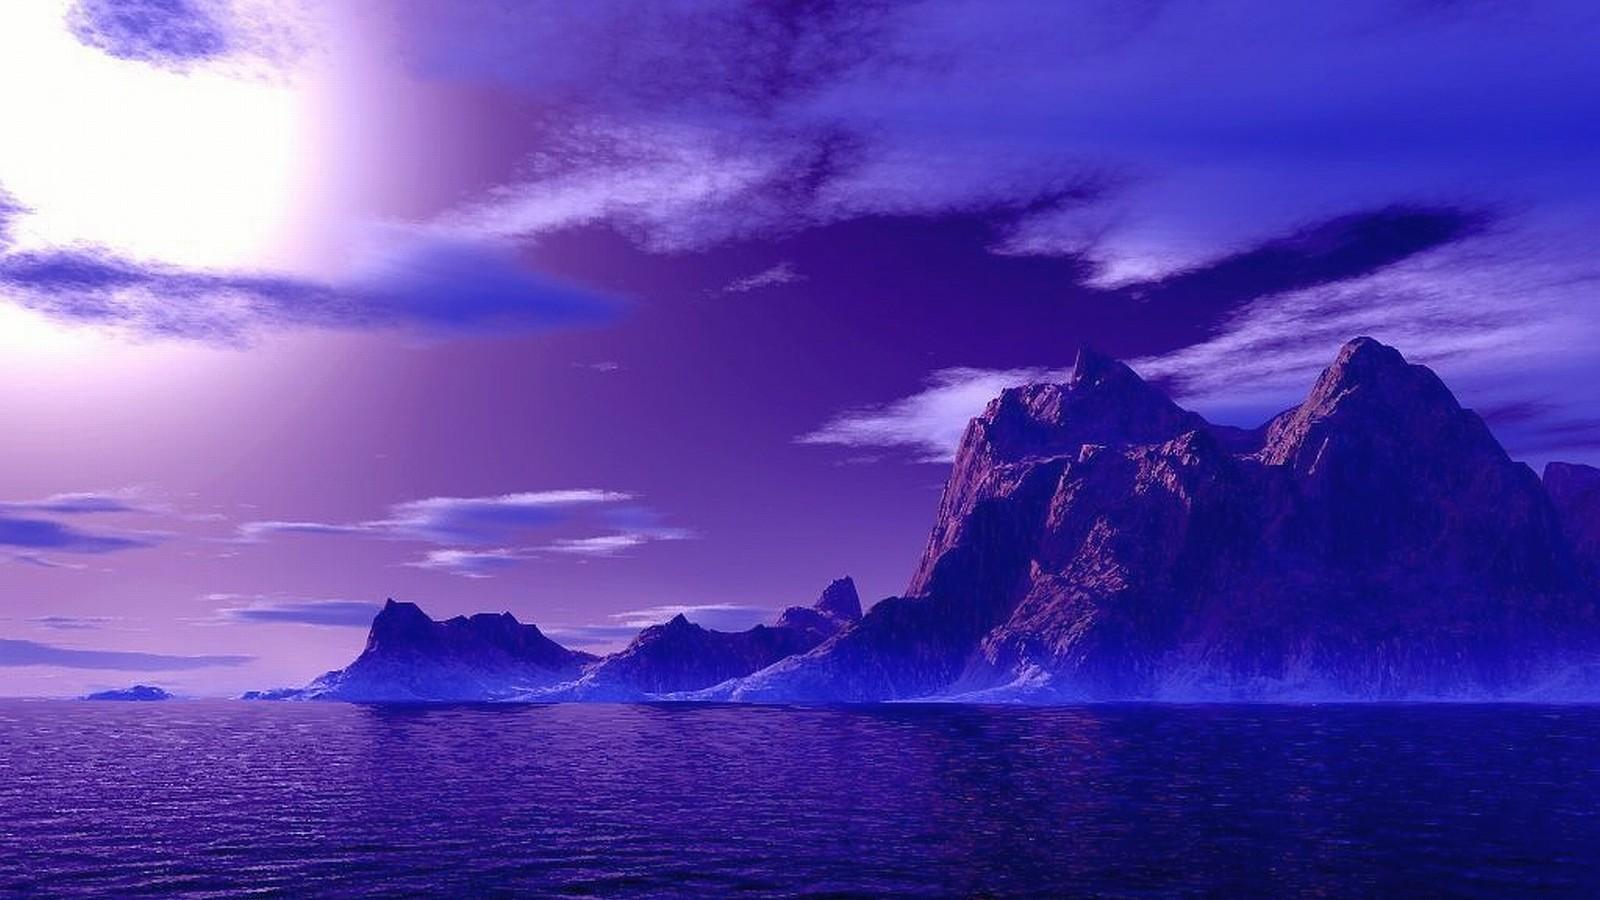 ÜÇÜNCÜ ANTLAŞMA Bölüm 32...Enkarnasyon (ruhun insan olarak doğması) Doğa ve İnsanların Görevi - Jesus Christus´un Vahyi